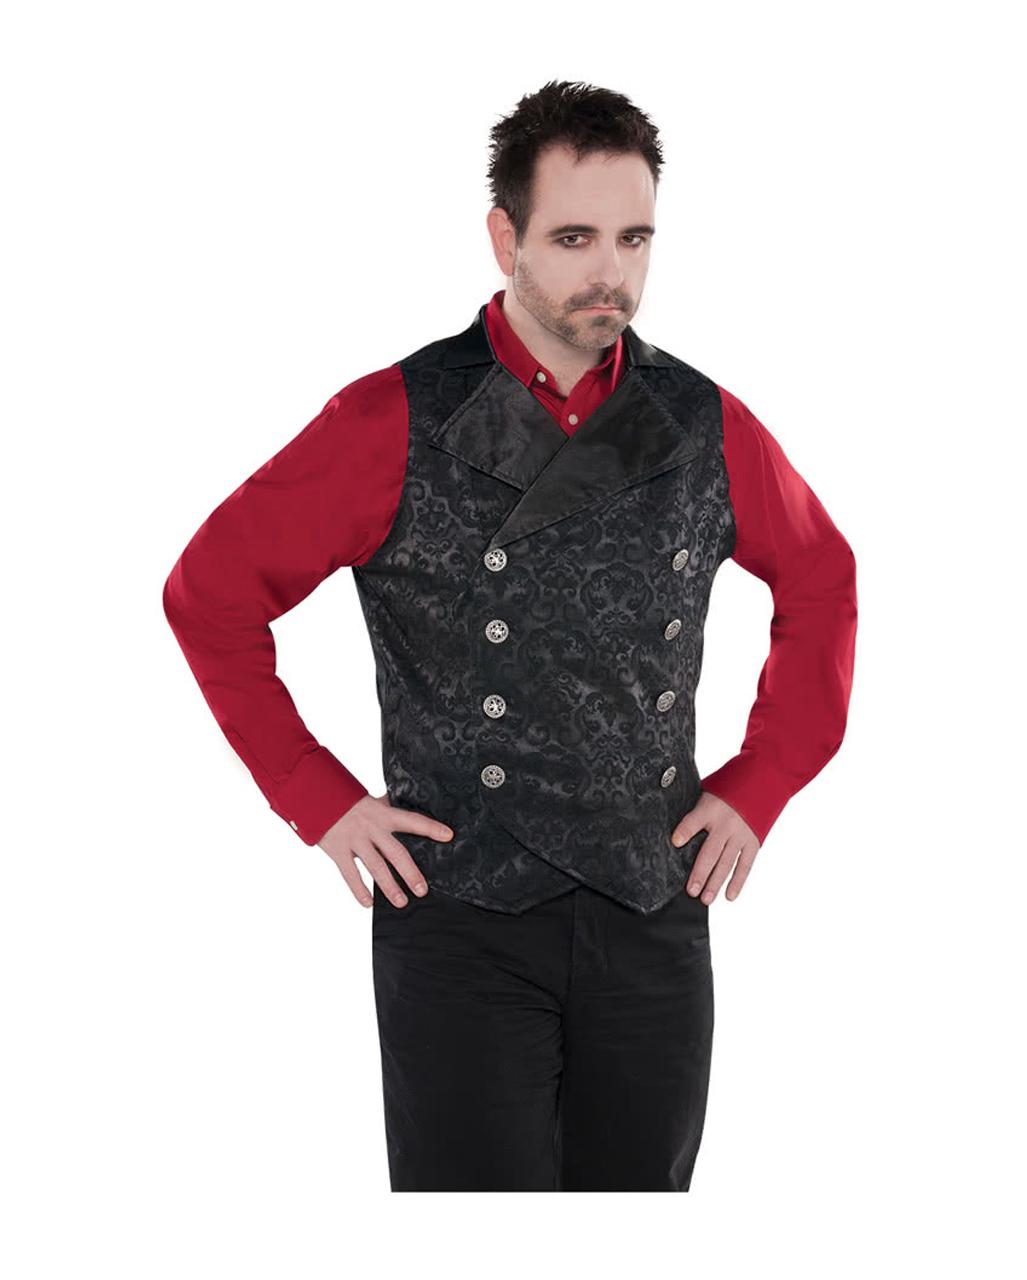 neueste kaufen erstaunliche Qualität neues Konzept Vampir Weste für Männer